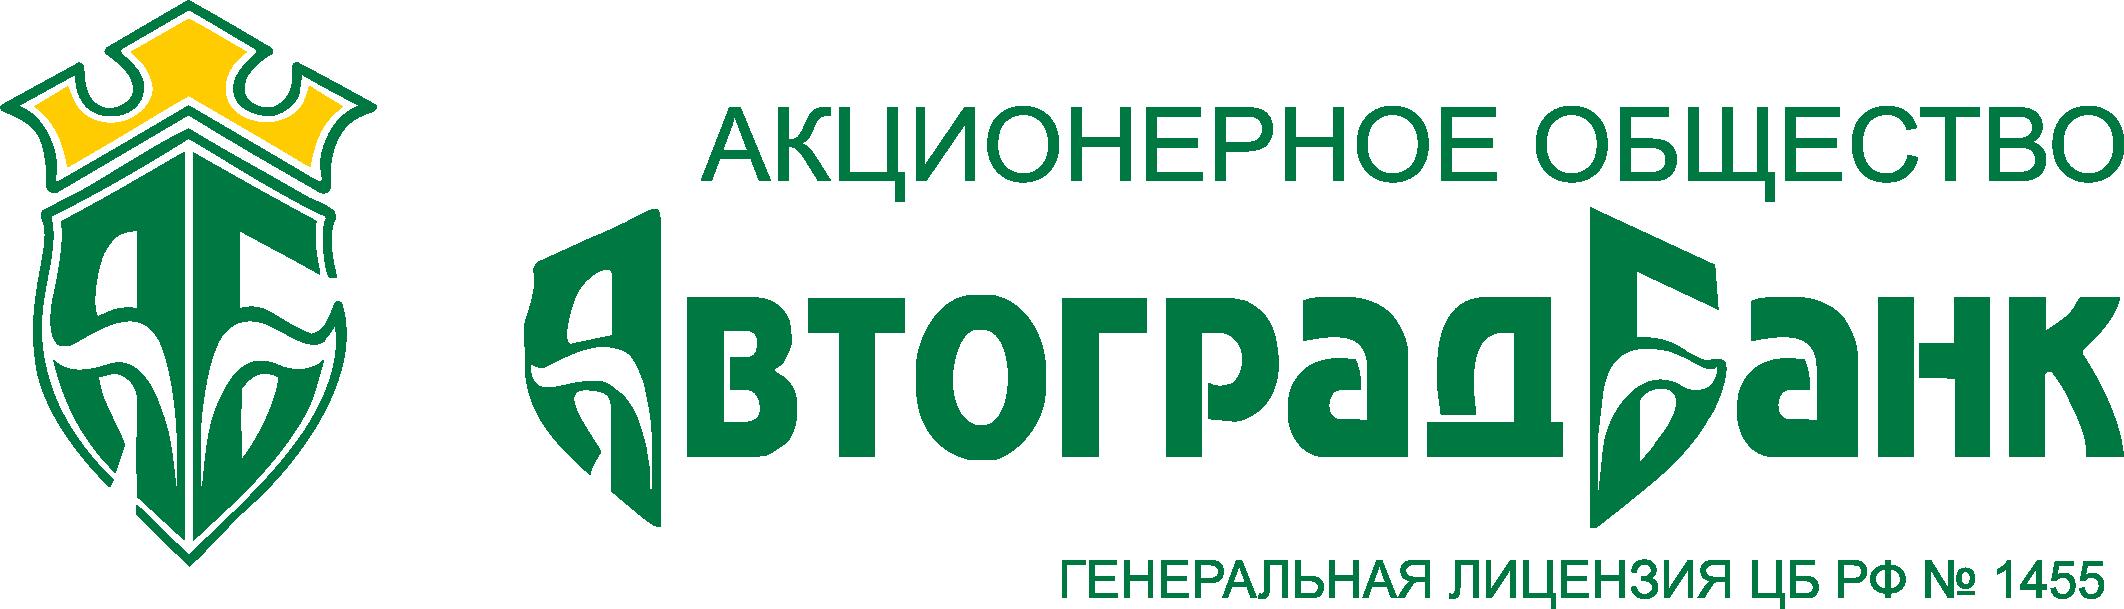 22 ноября приглашаем на бесплатный семинар «Снижение налога на землю через оспаривание кадастровой стоимости» - «Автоградбанк»